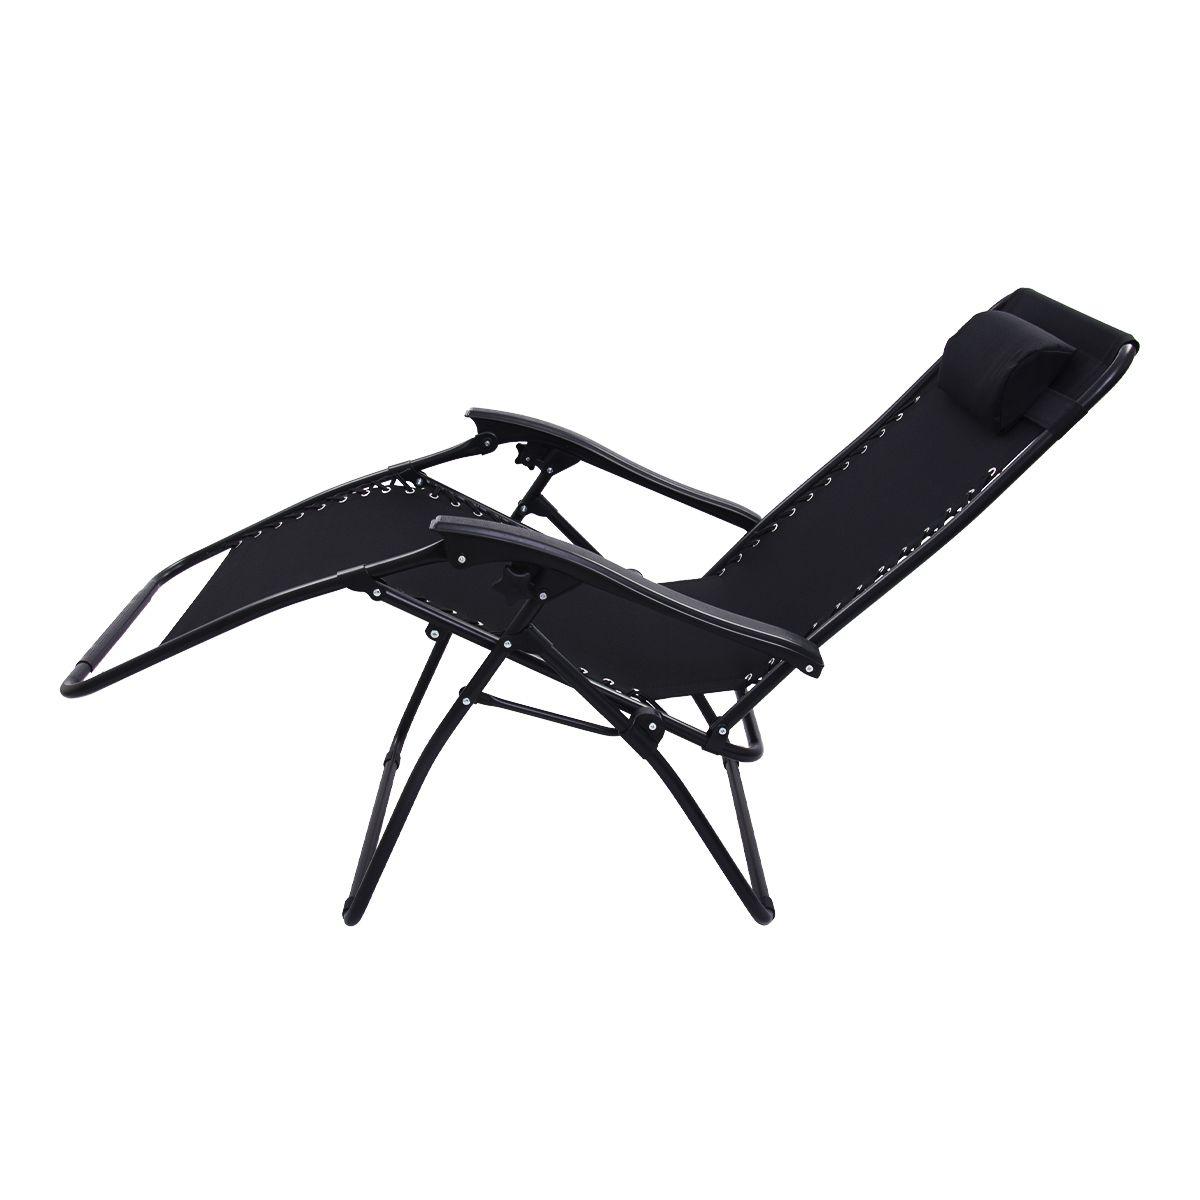 Cadeira Espreguiçadeira Pelegrin PEL-004Z Gravidade Zero em Tecido e Metal Preta